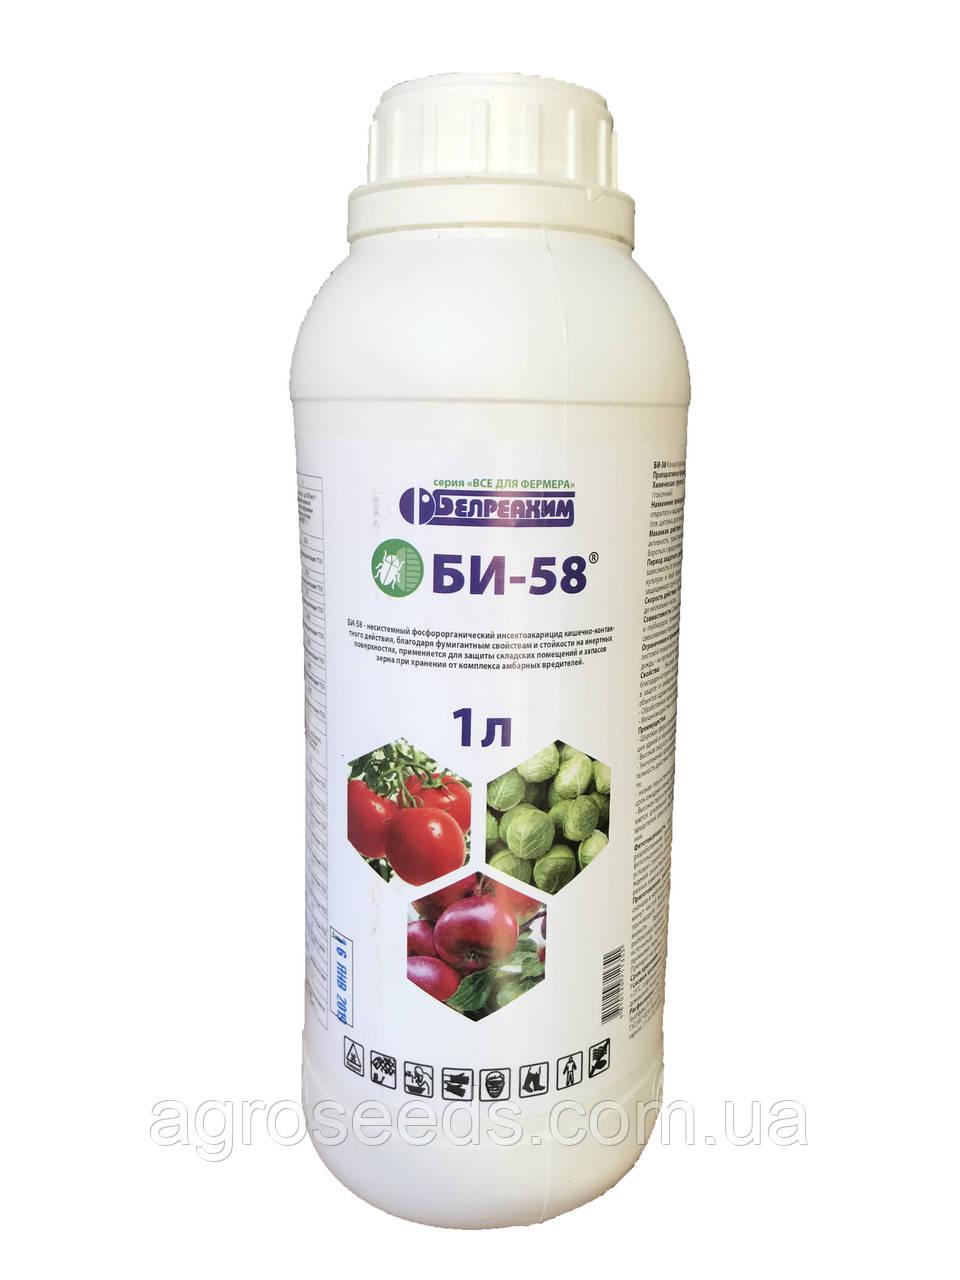 Инсектицид Би 58 1 л новый